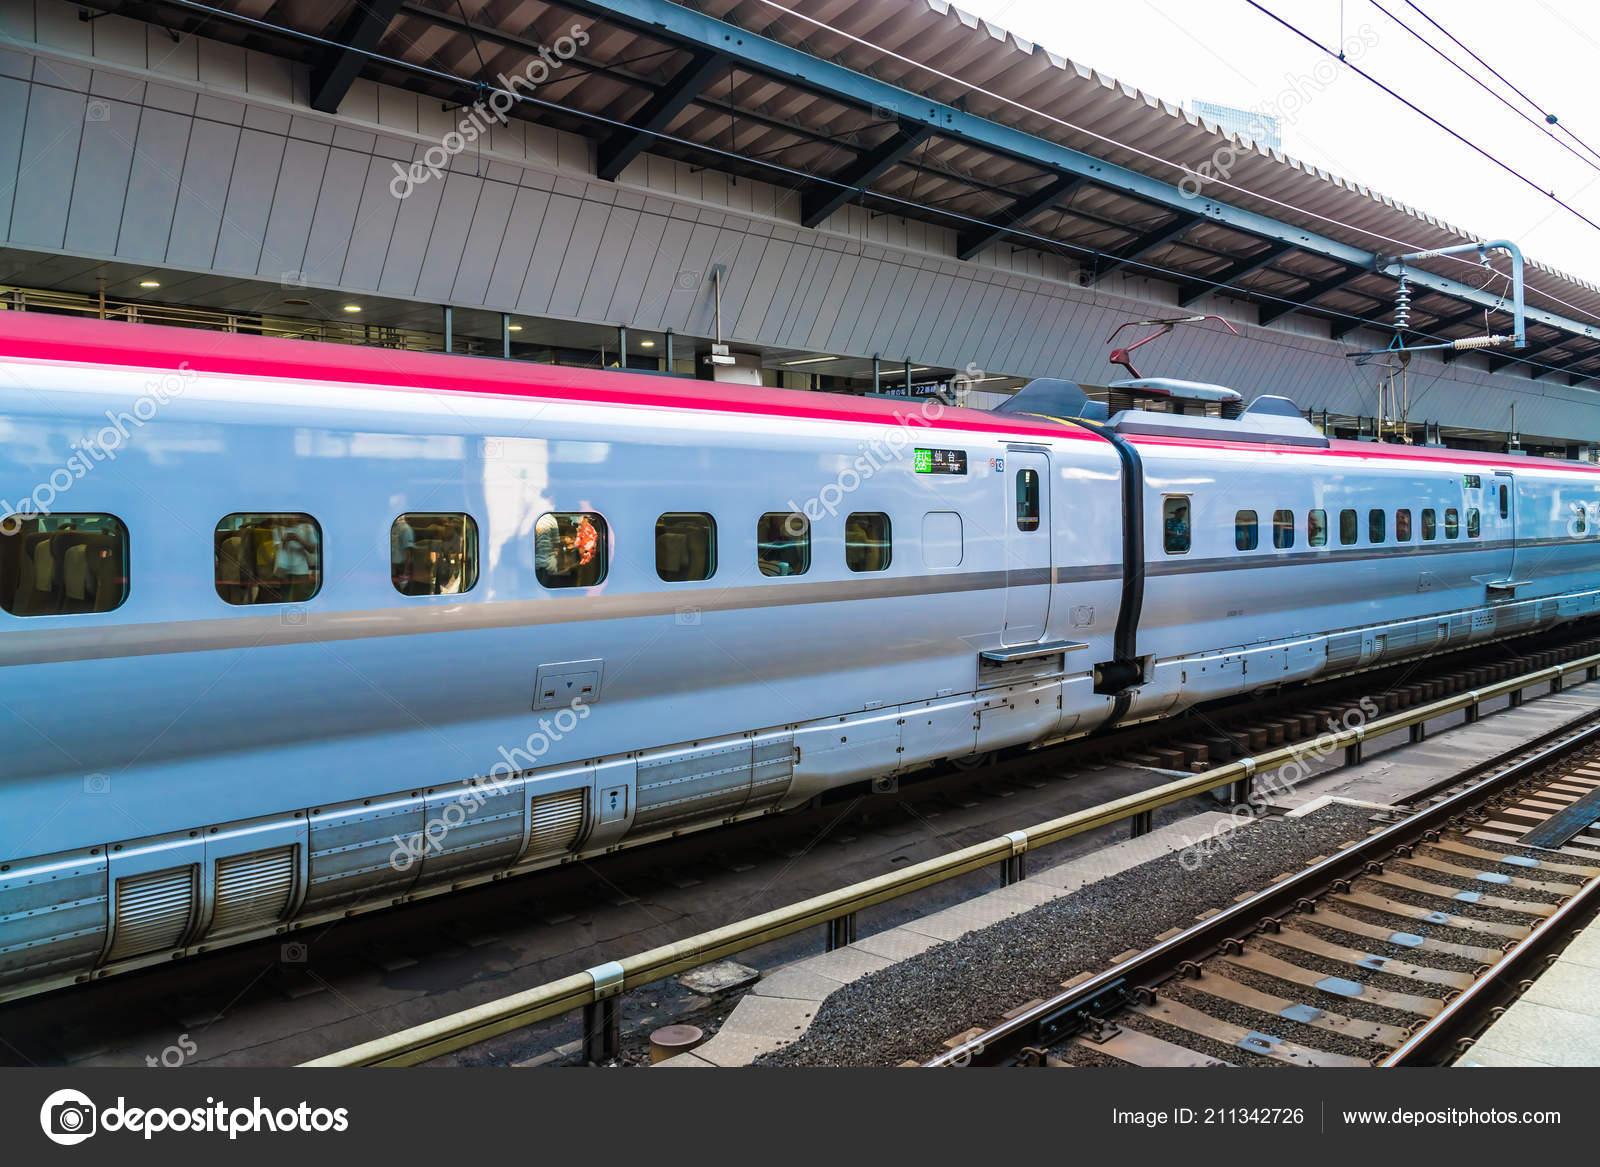 Tokyo Japan Aug 2018 Train Subway Station Japan Popular